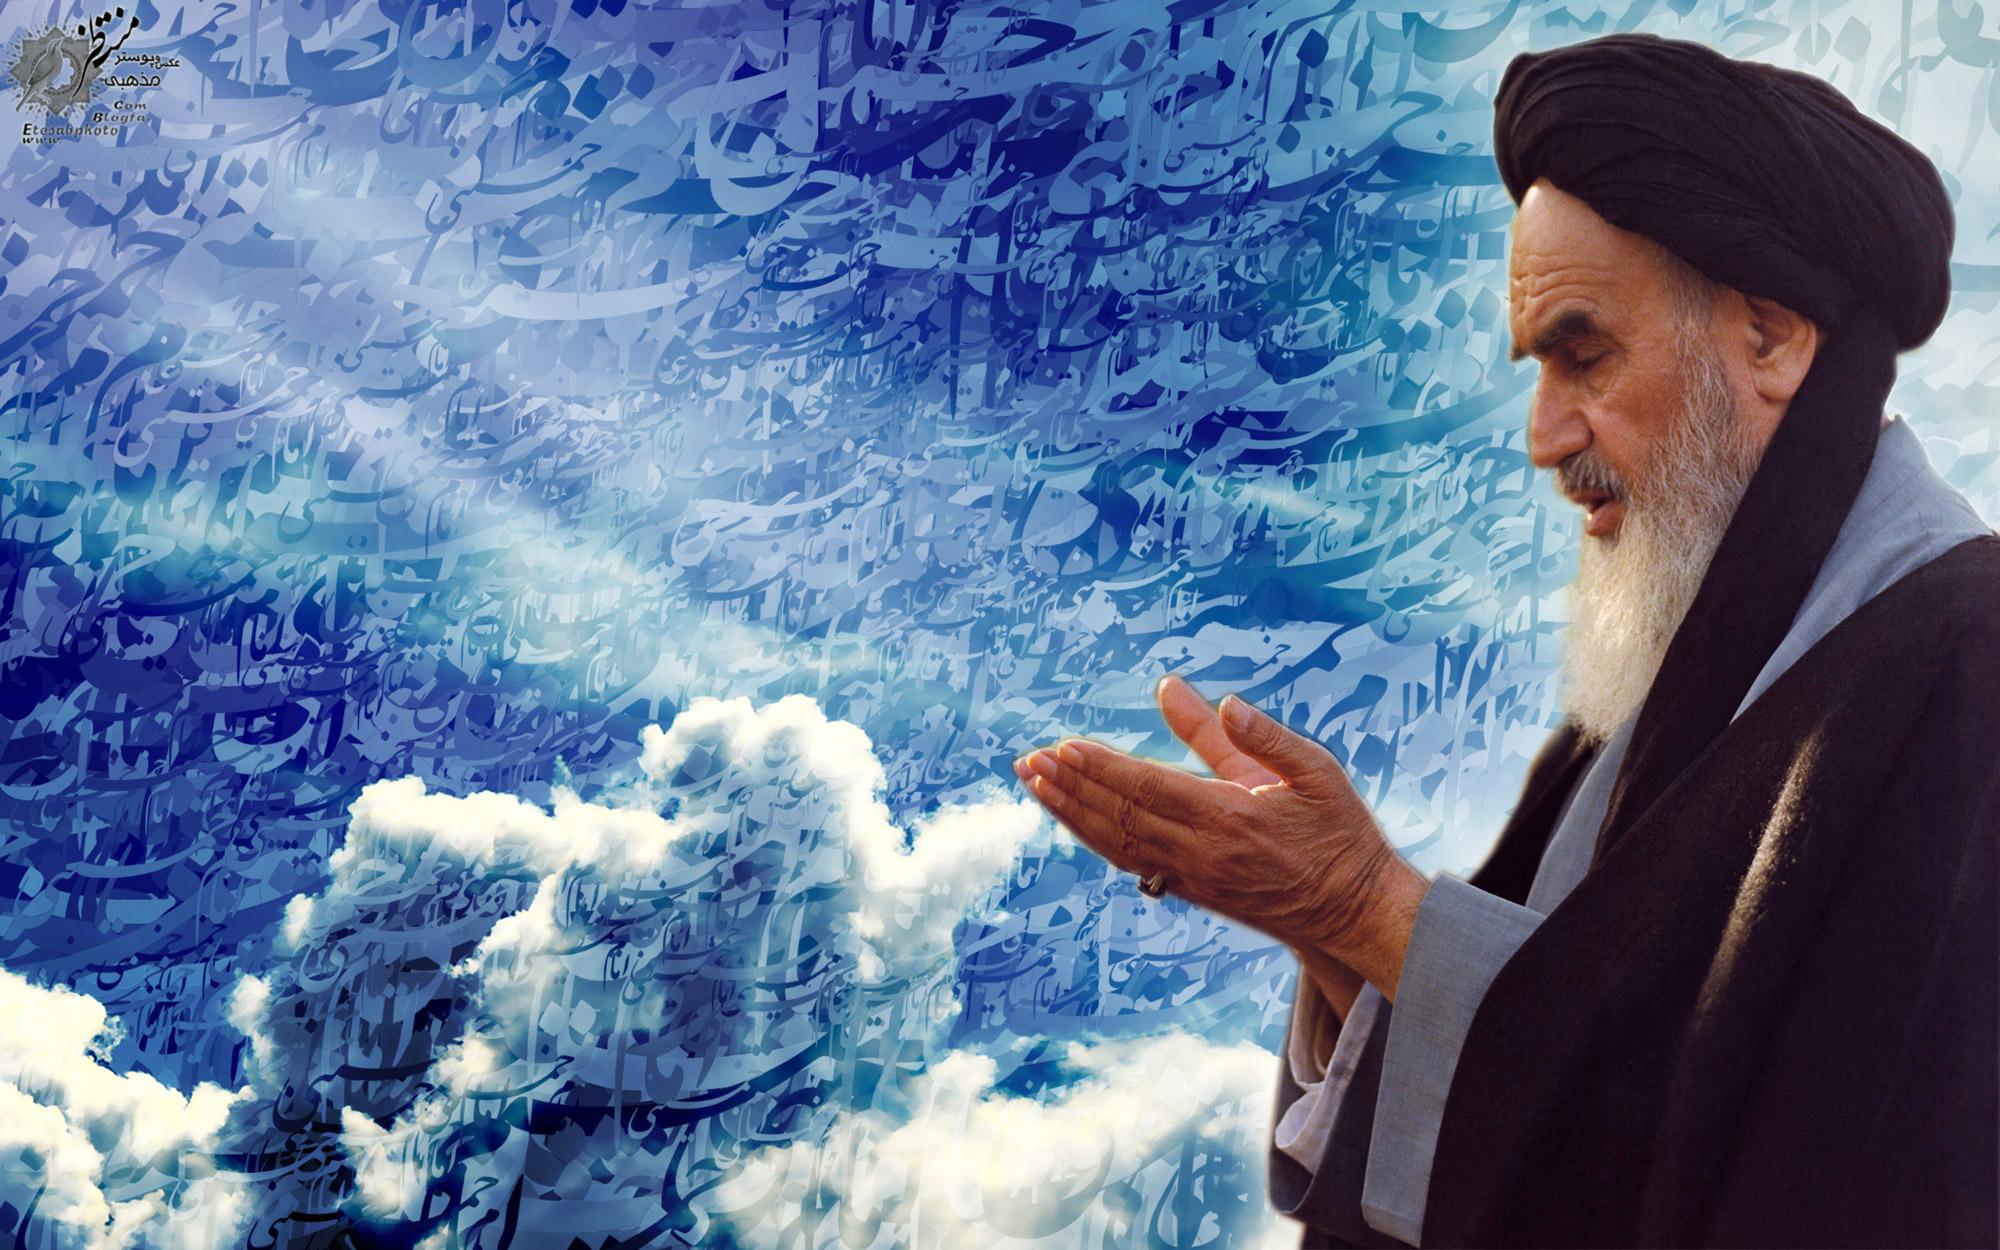 رمز بقای انقلاب اسلامی از نگاه امام خمینی(ره)